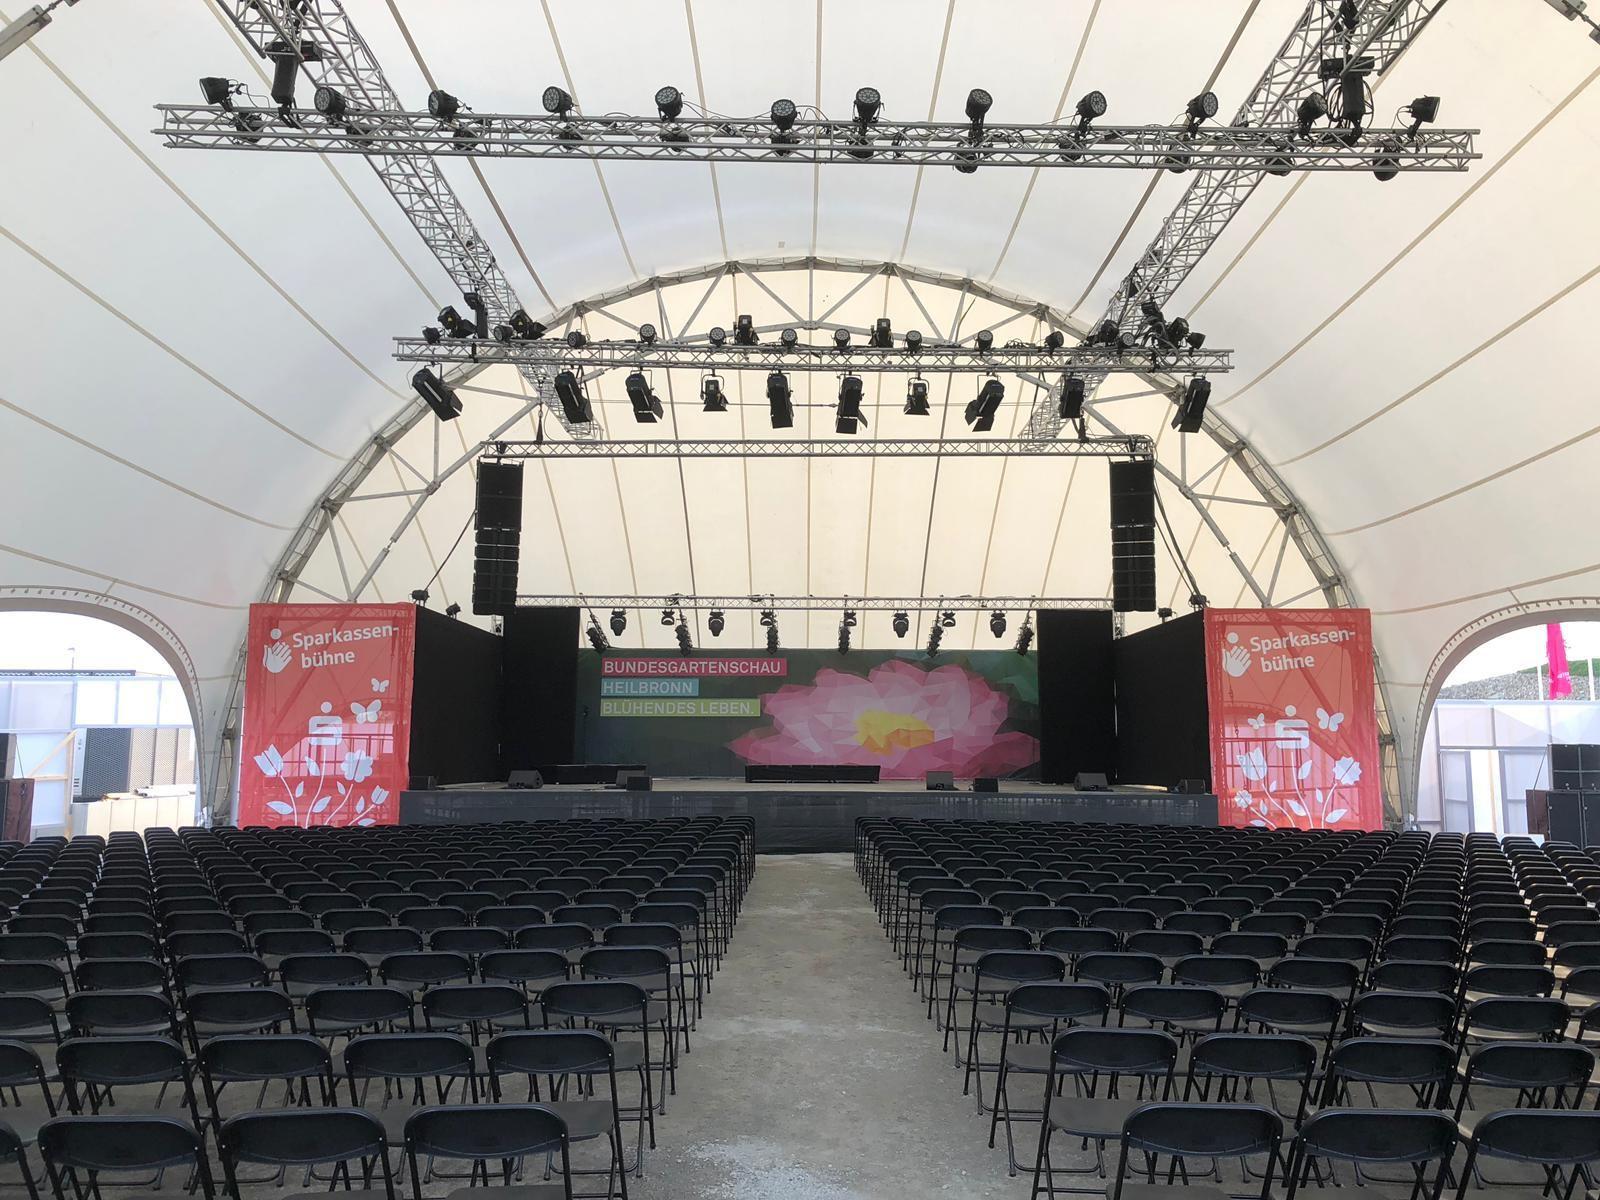 Mott_Mobile_Referenz 2019 Bundesgartenschau 2019 Heilbronn_PLS2020